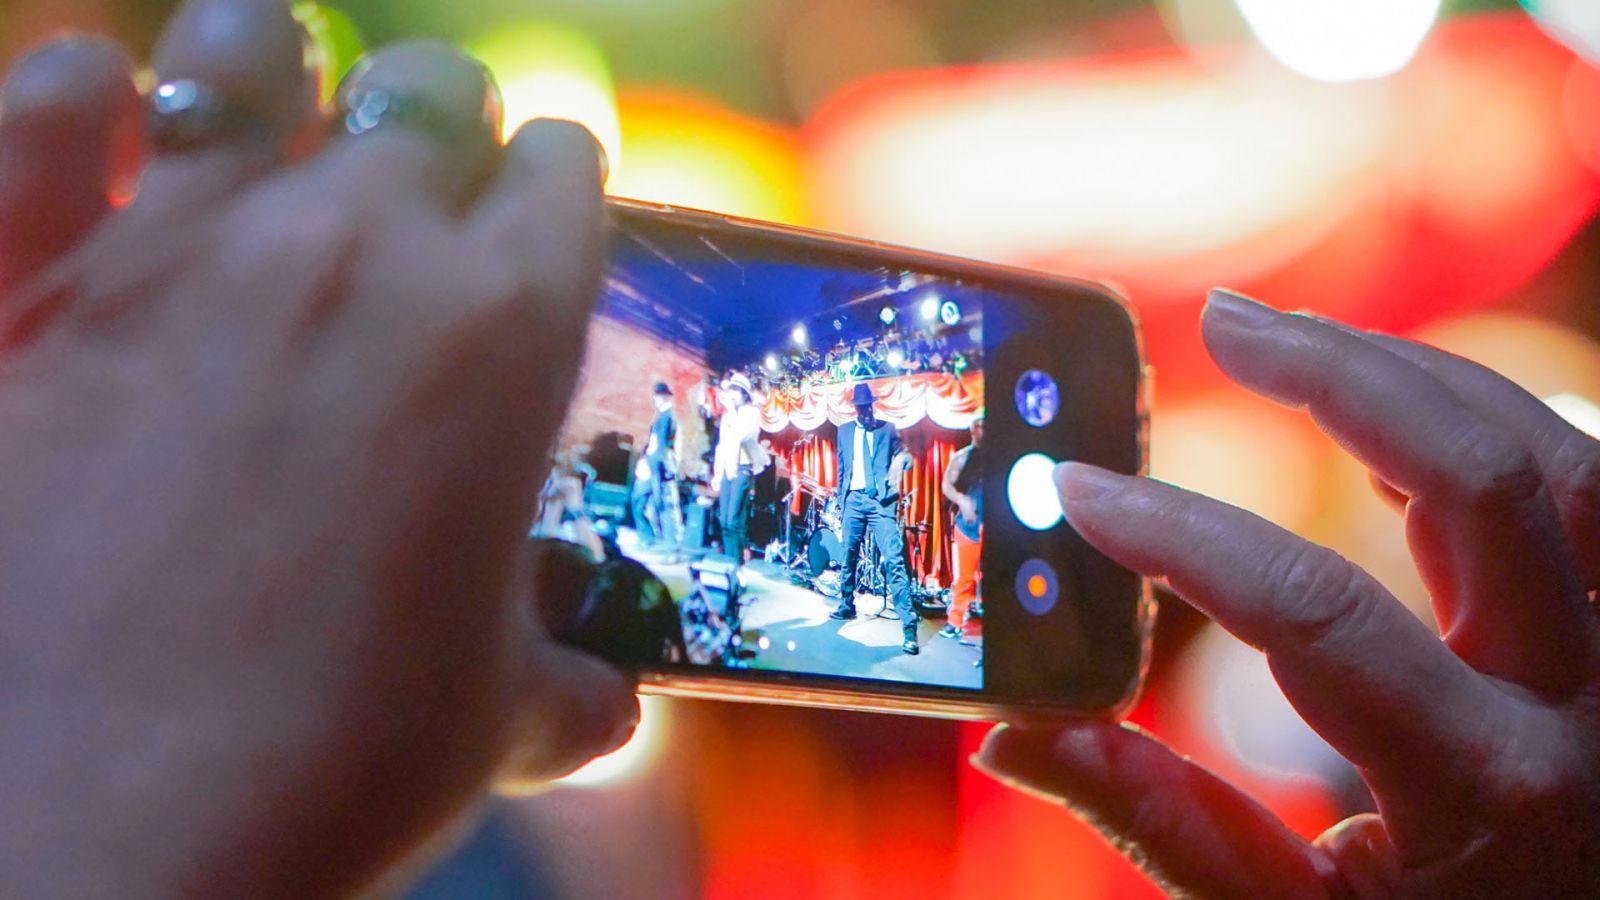 Τεχνόπολη: Εγκαινιάζει το live streaming στις συναυλίες της